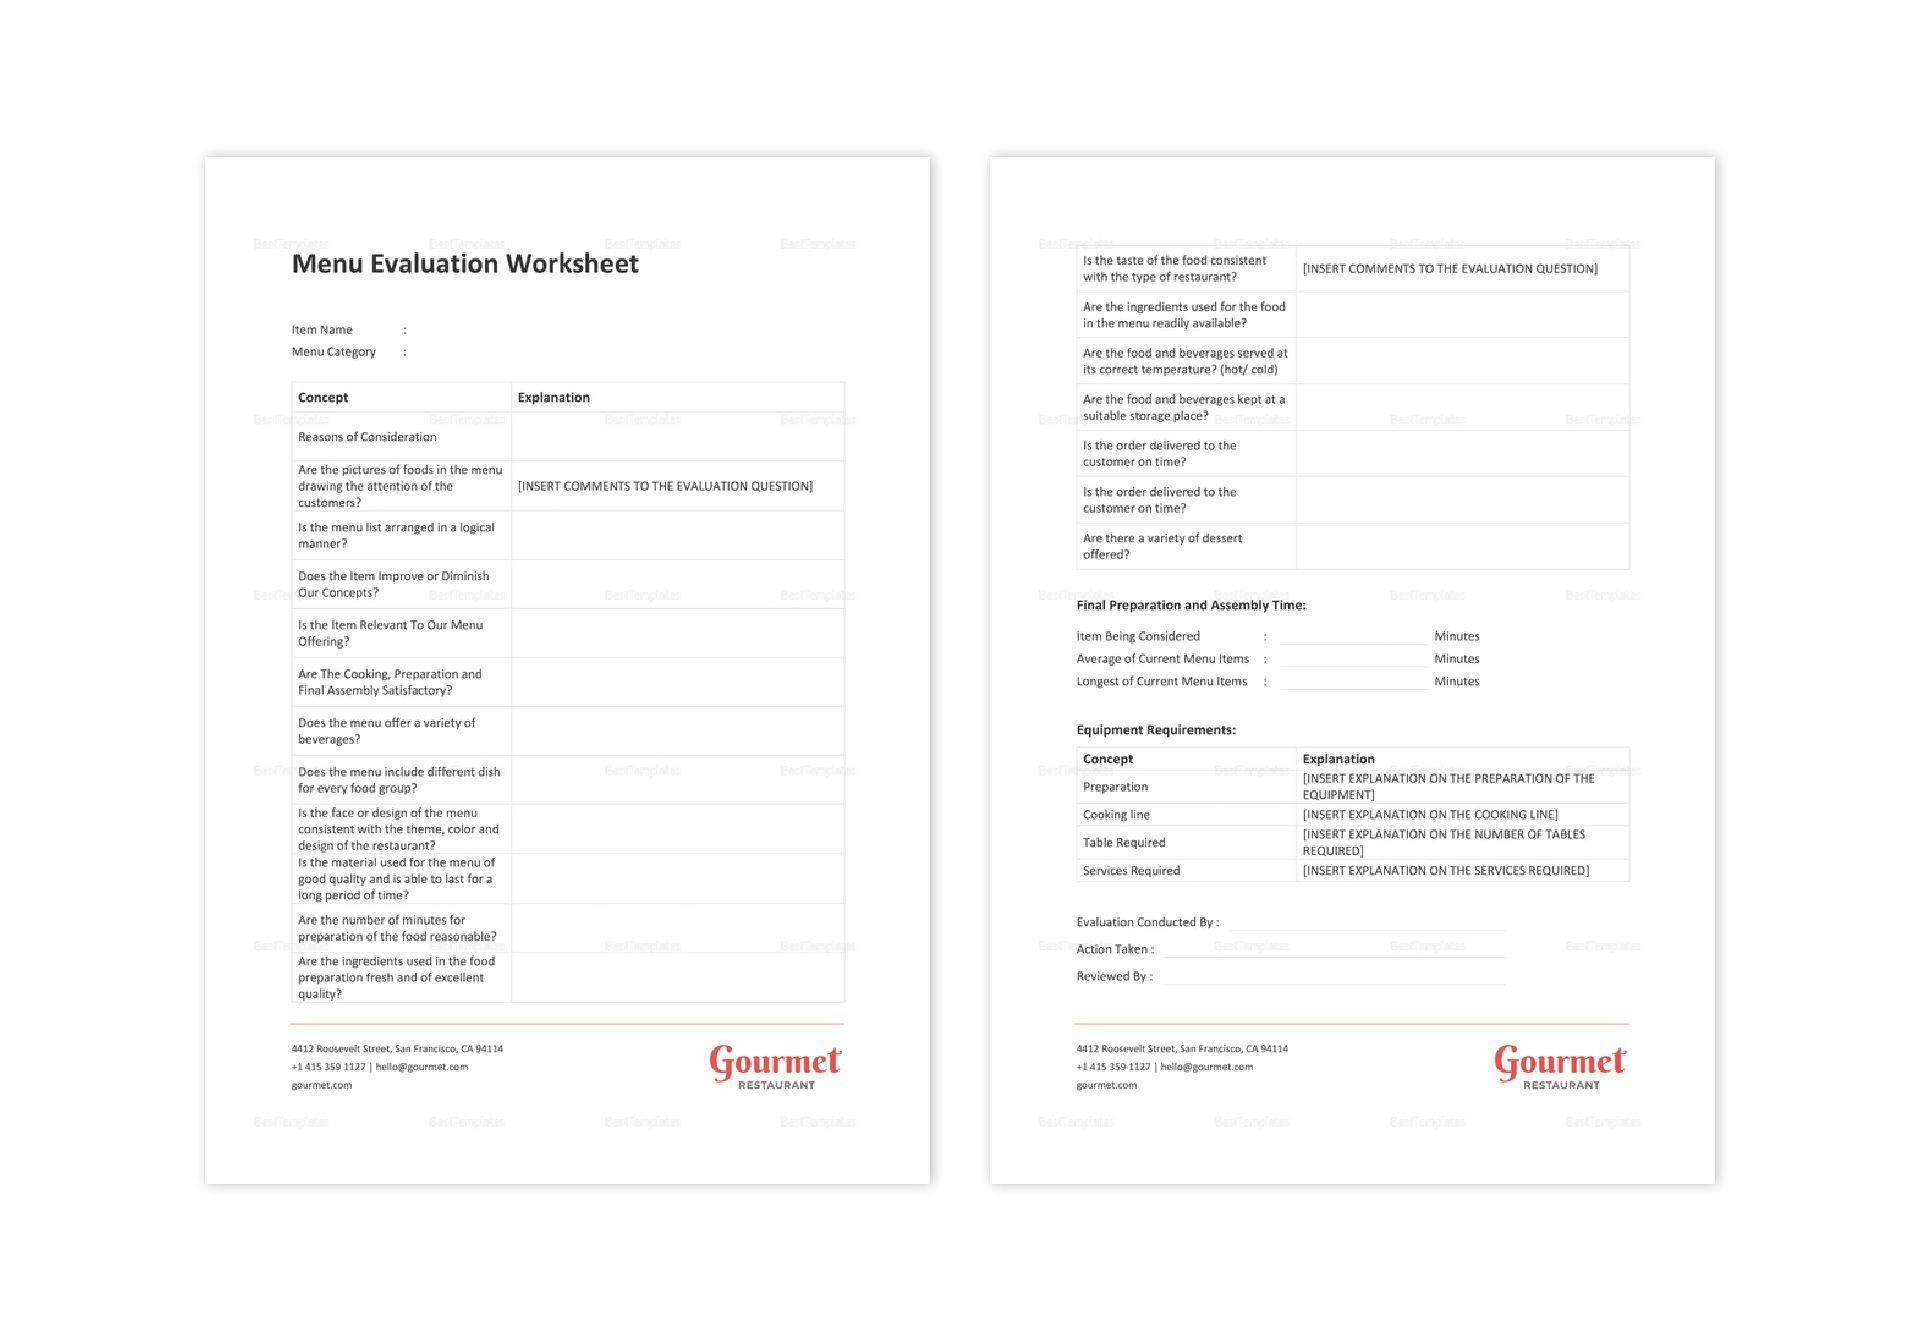 Restaurant Menu Evaluation Worksheet Template In Word